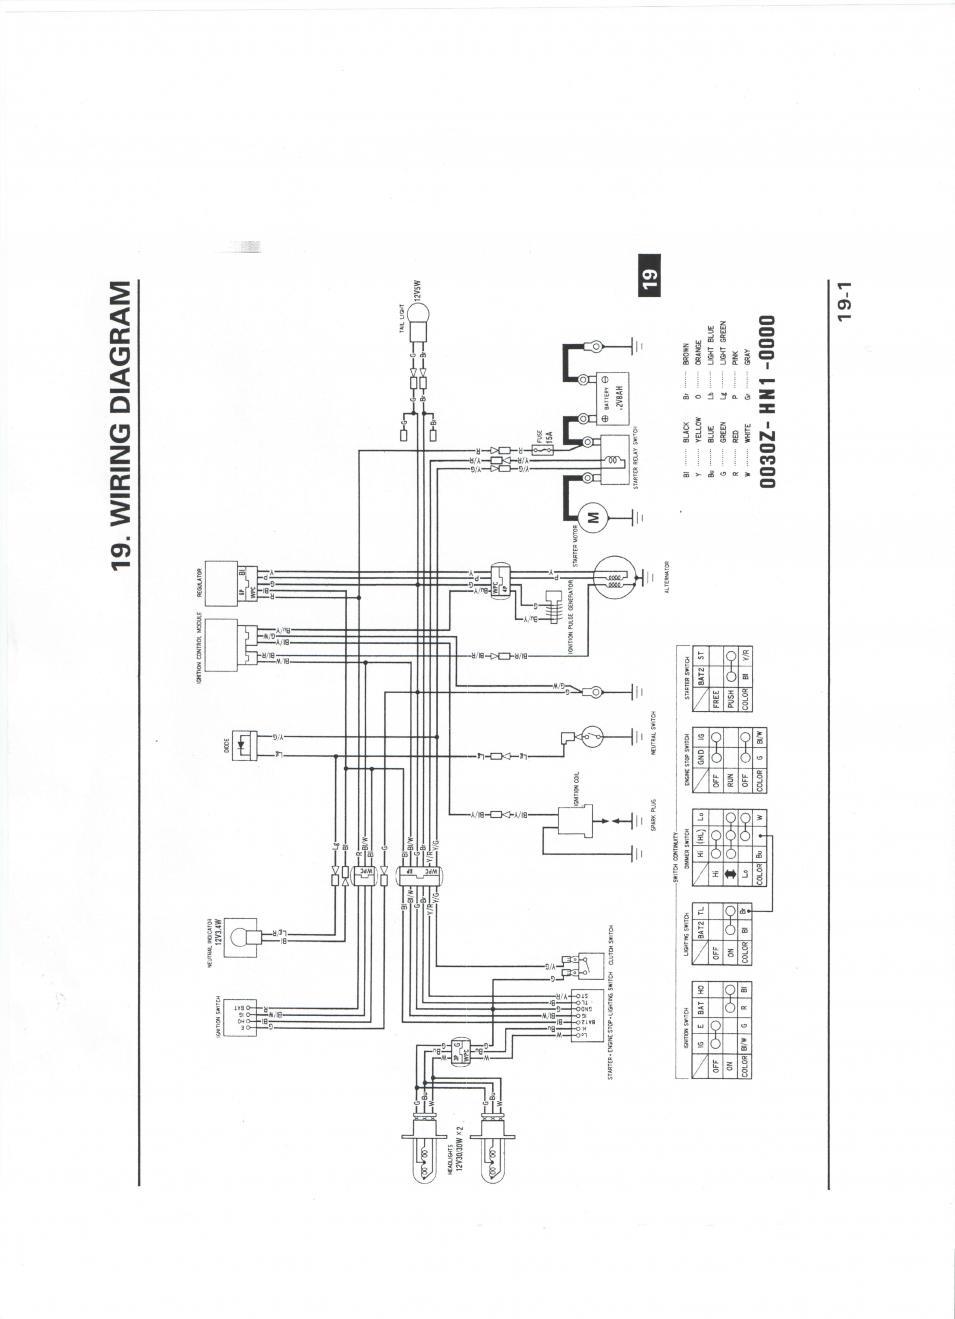 2001 honda trx 400 wiring diagram trusted wiring diagram u2022 rh justwiringdiagram today 2001 honda 400ex ignition wiring diagram 2001 honda trx400ex wiring diagram